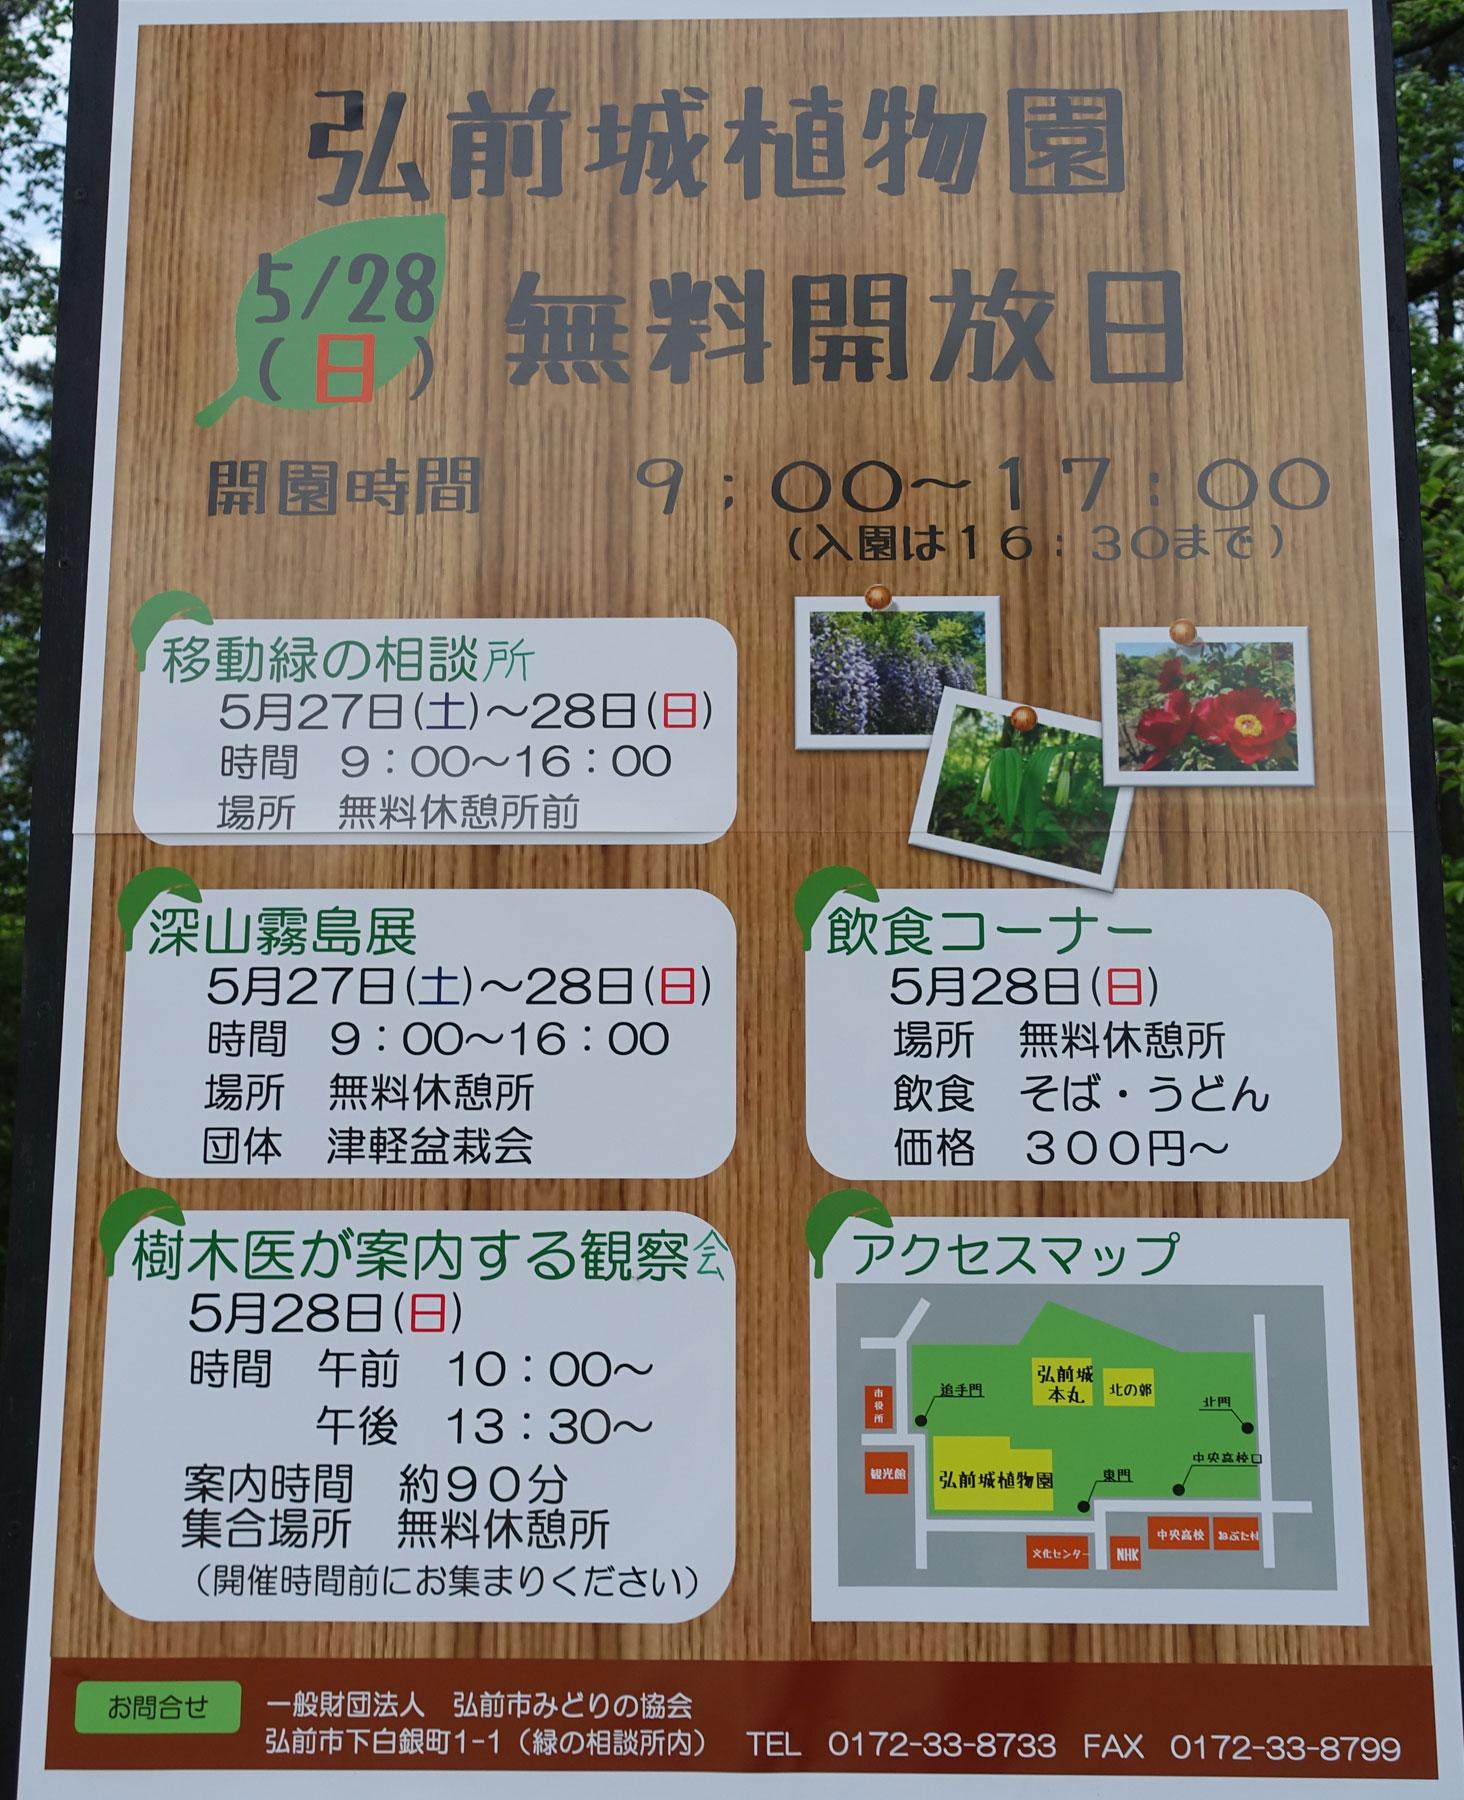 弘前城植物園 無料開放日